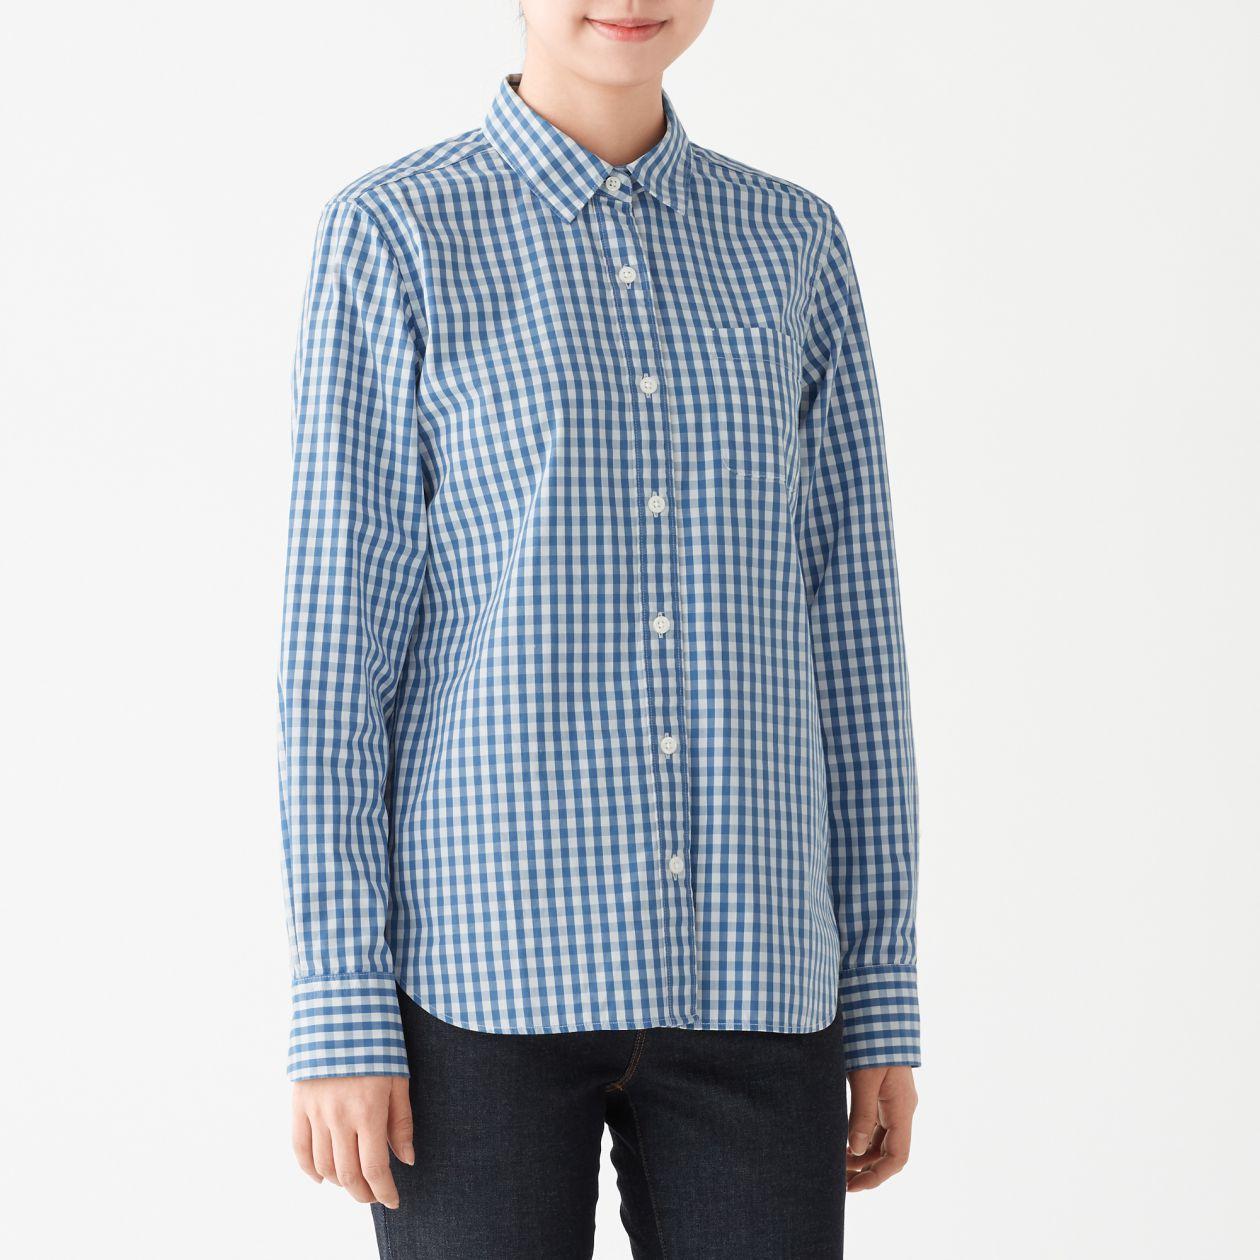 新疆綿洗いざらしブロードギンガムチェックシャツ